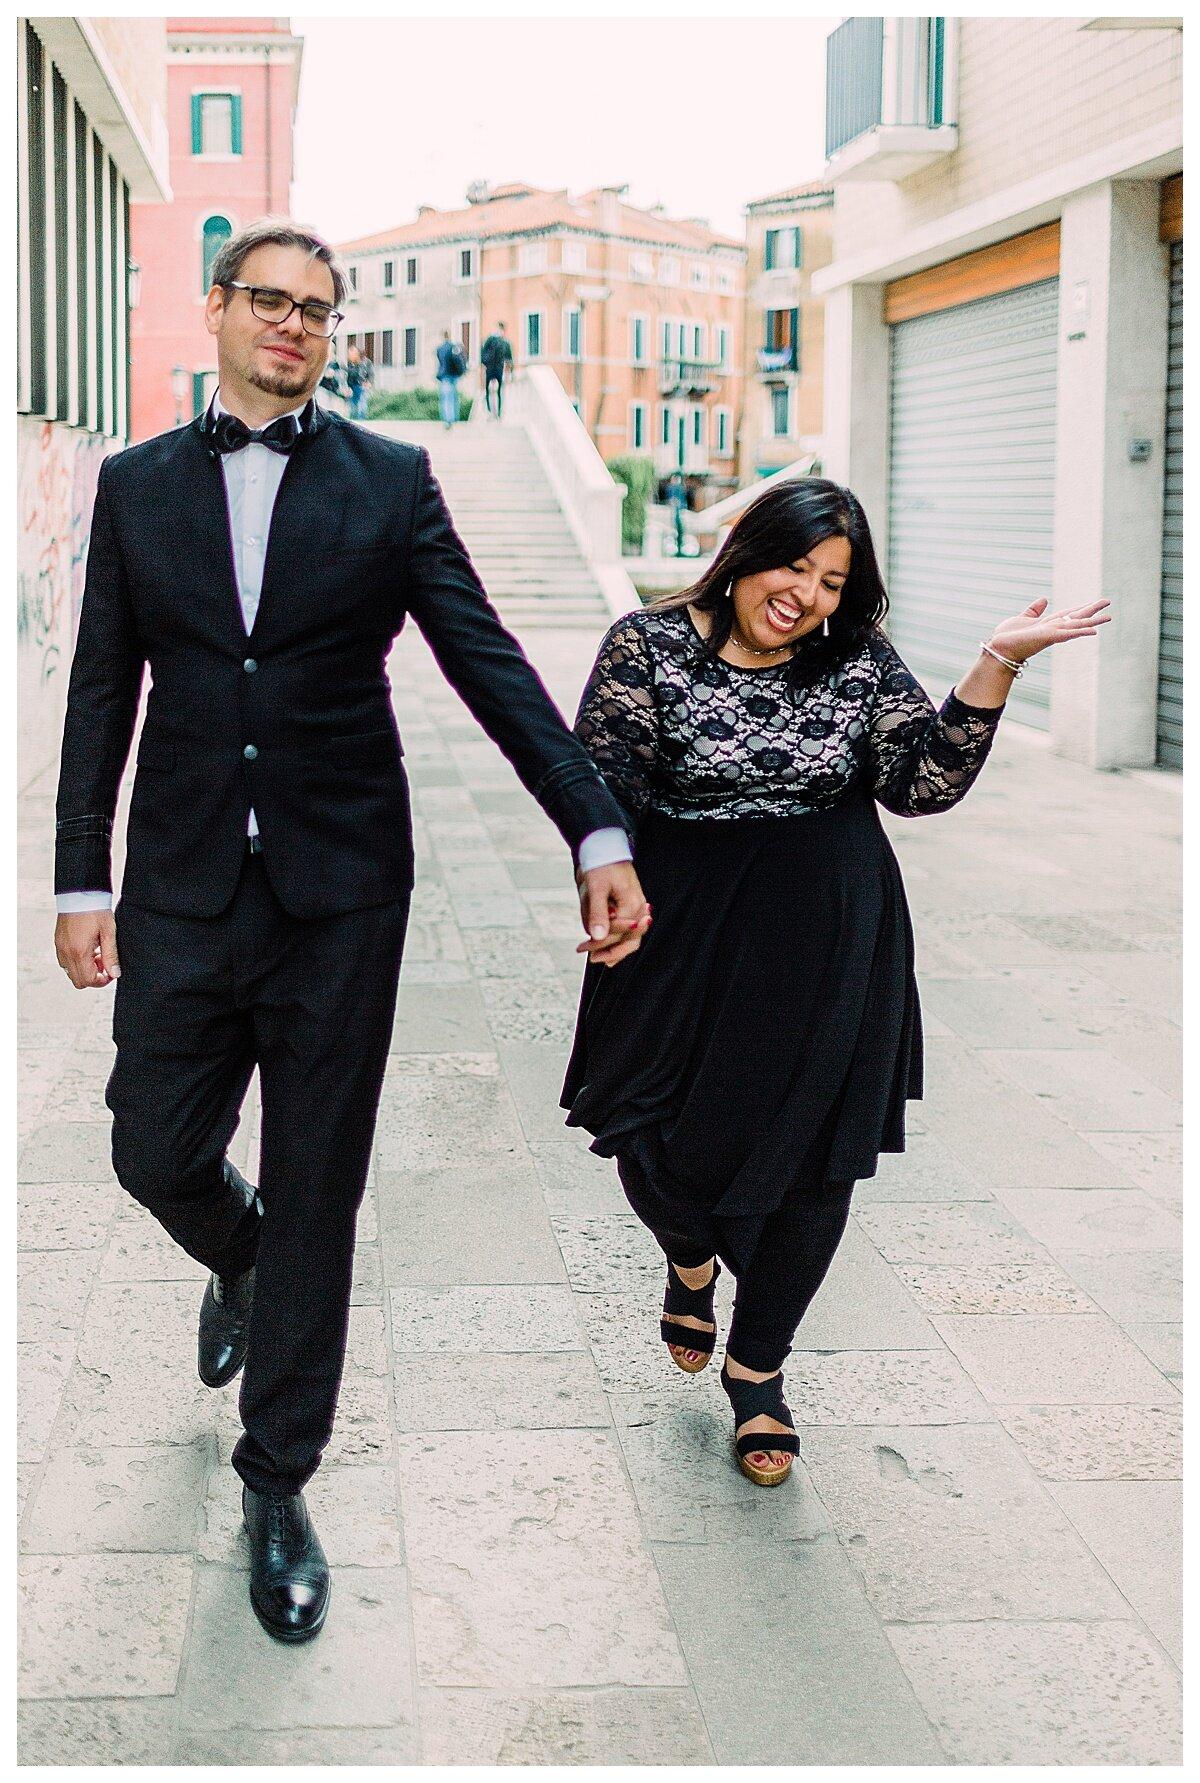 venice-photographer-stefano-degirmenci-couple-photowalk_1238.jpg